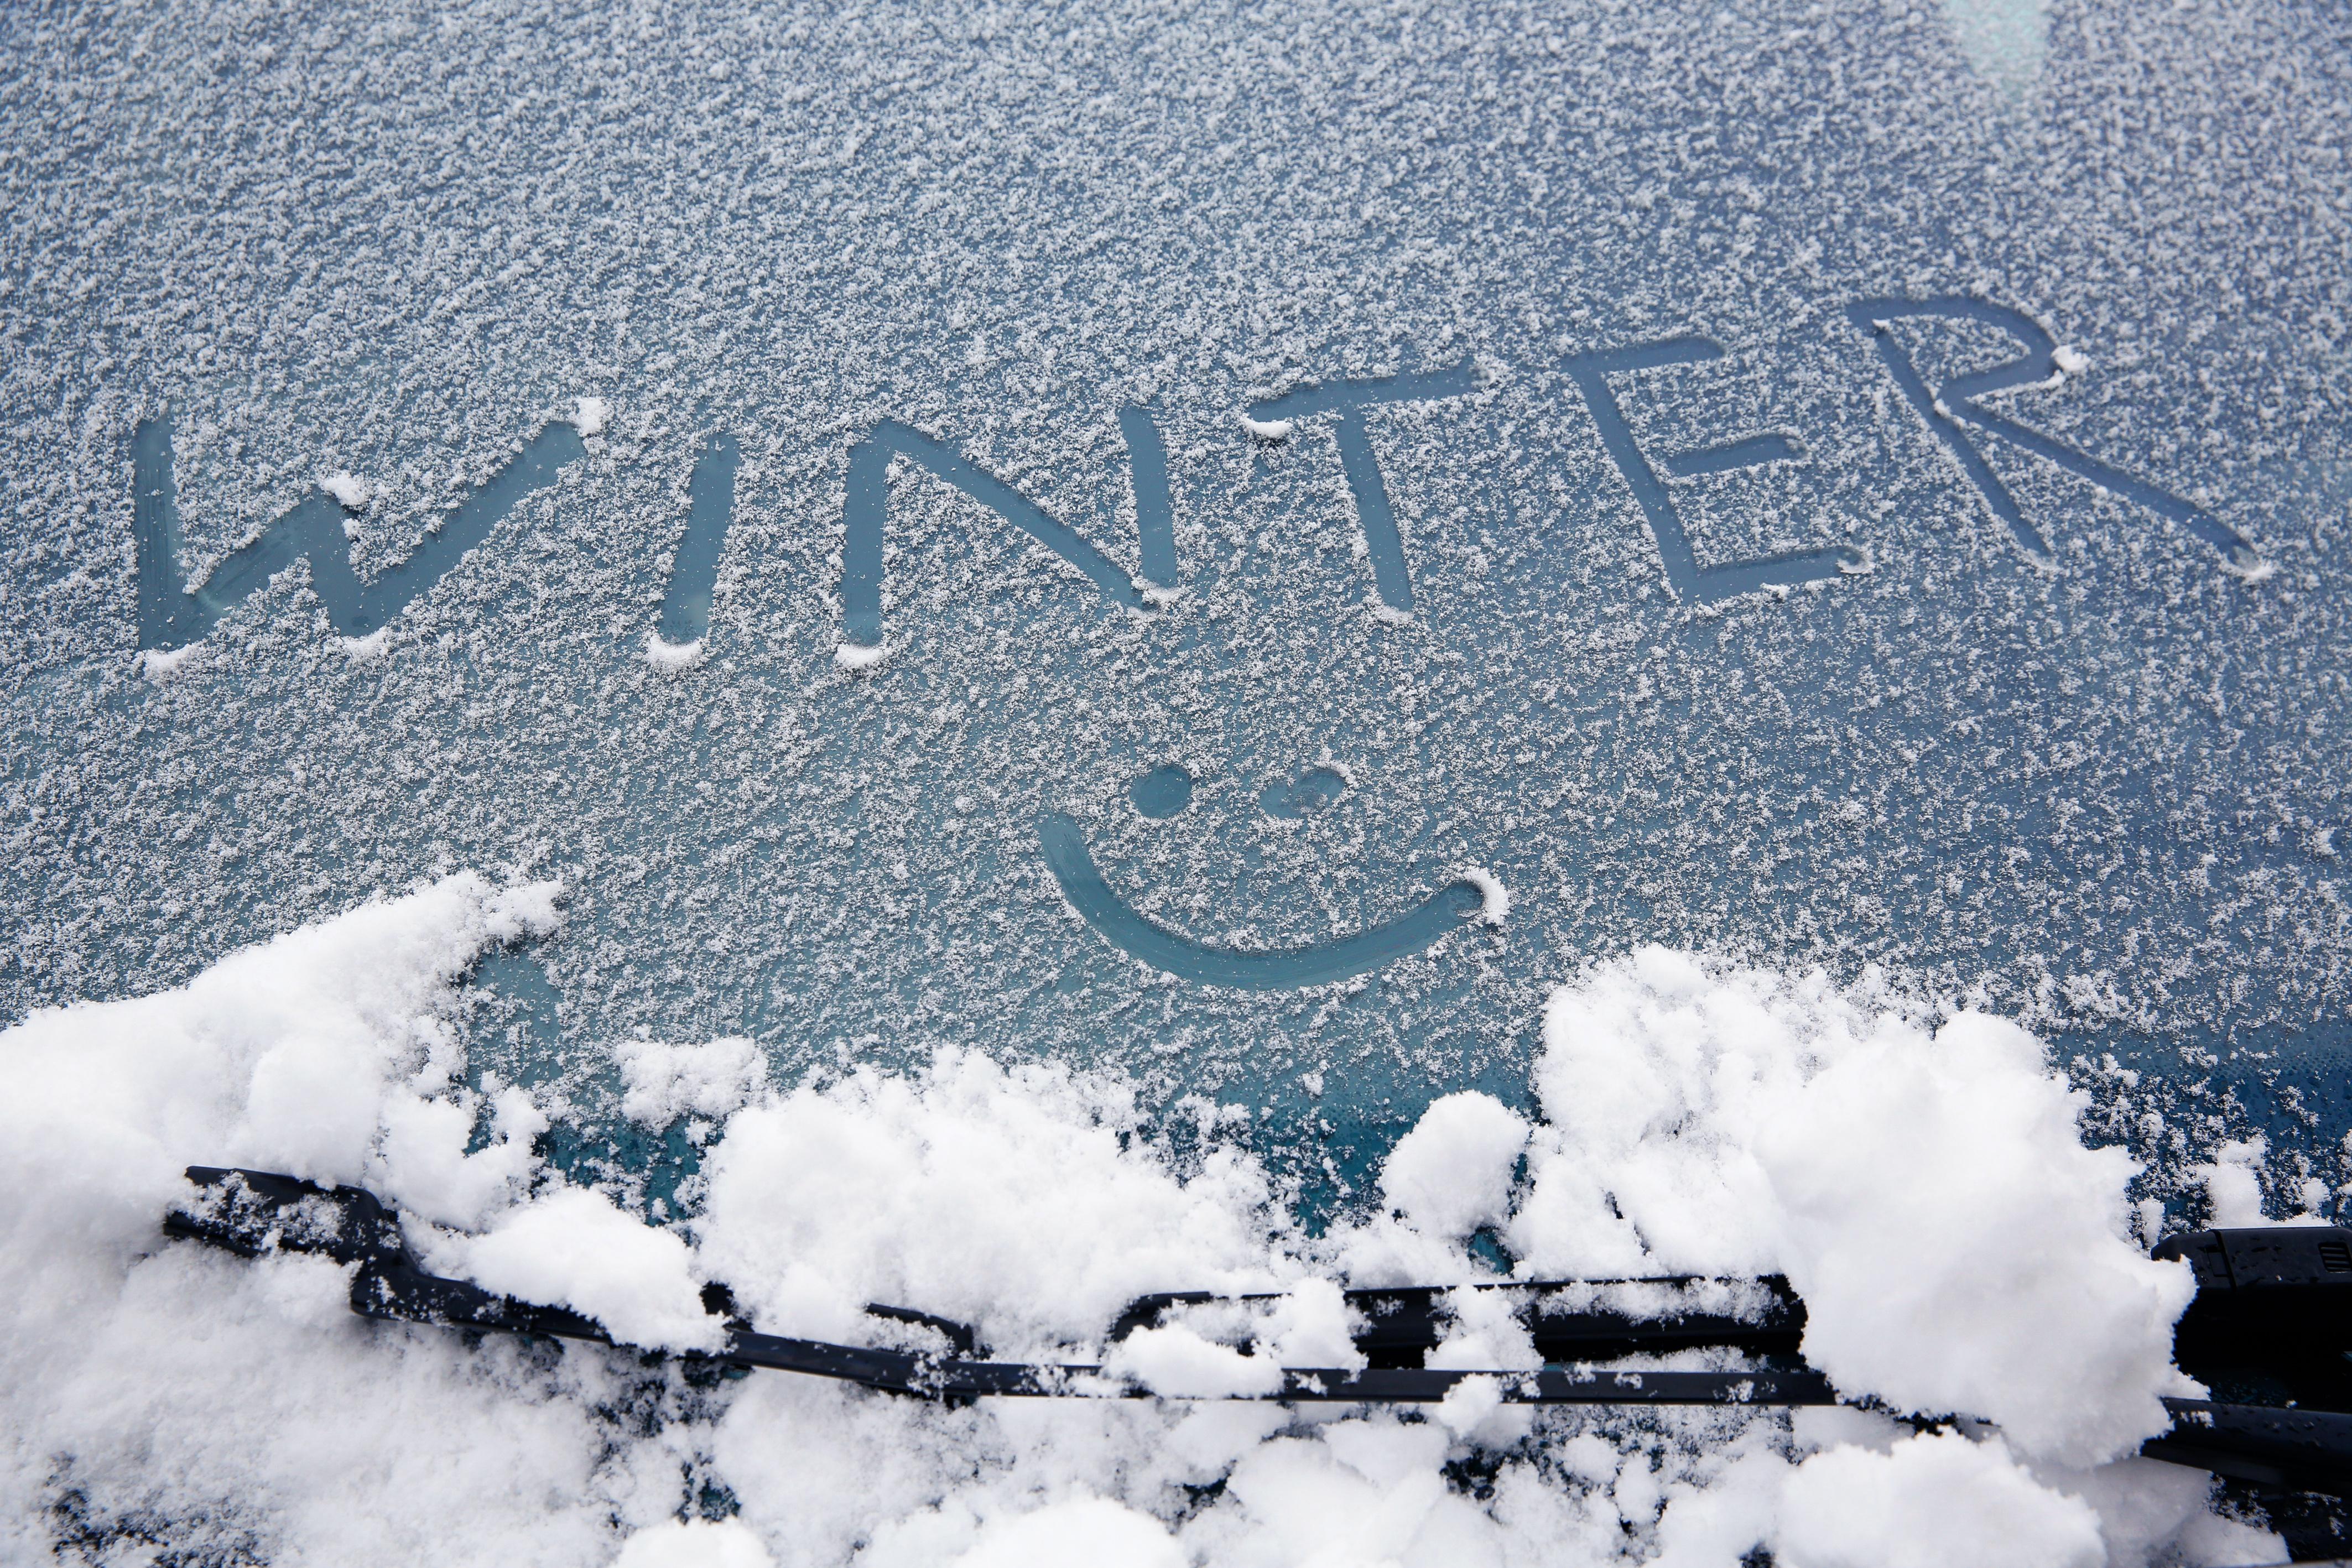 a78db0ce82b7 Come preparare l'auto per le vacanze d'inverno con tutto l ...